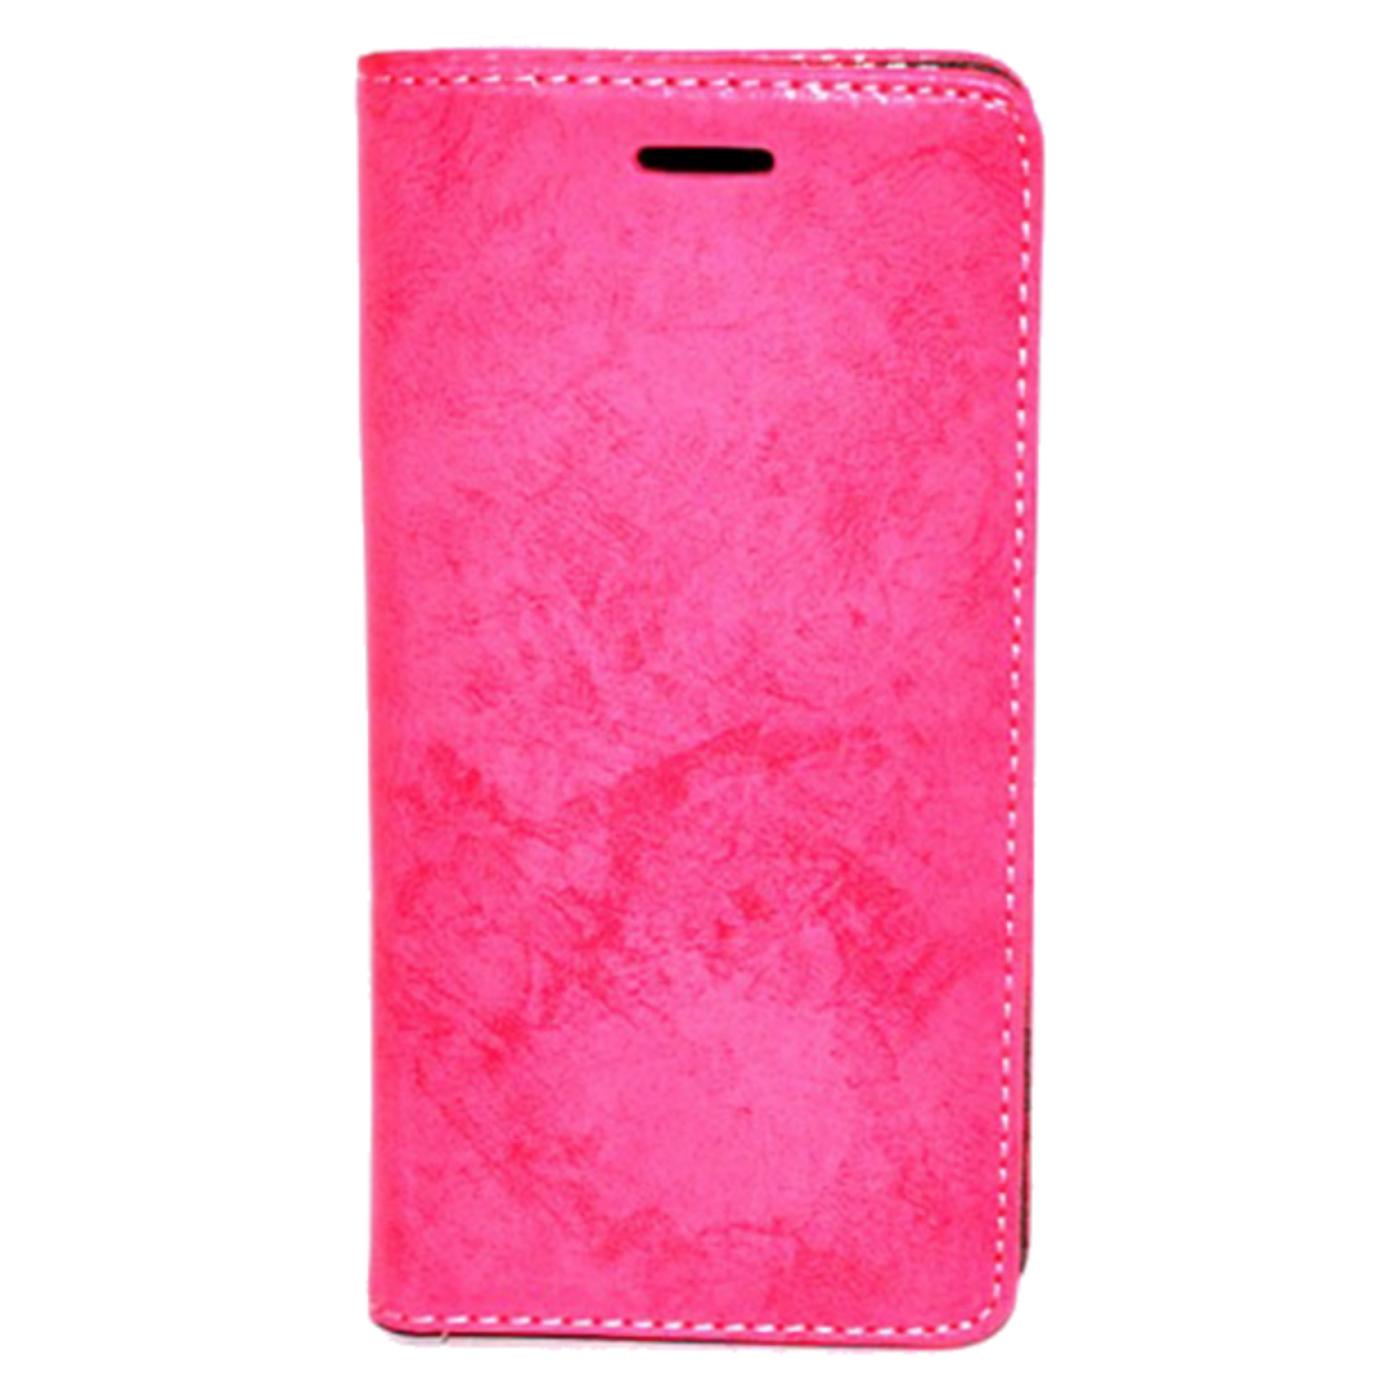 Futrola za mobitel Samsung J7 2016, FLIP retro, crvena